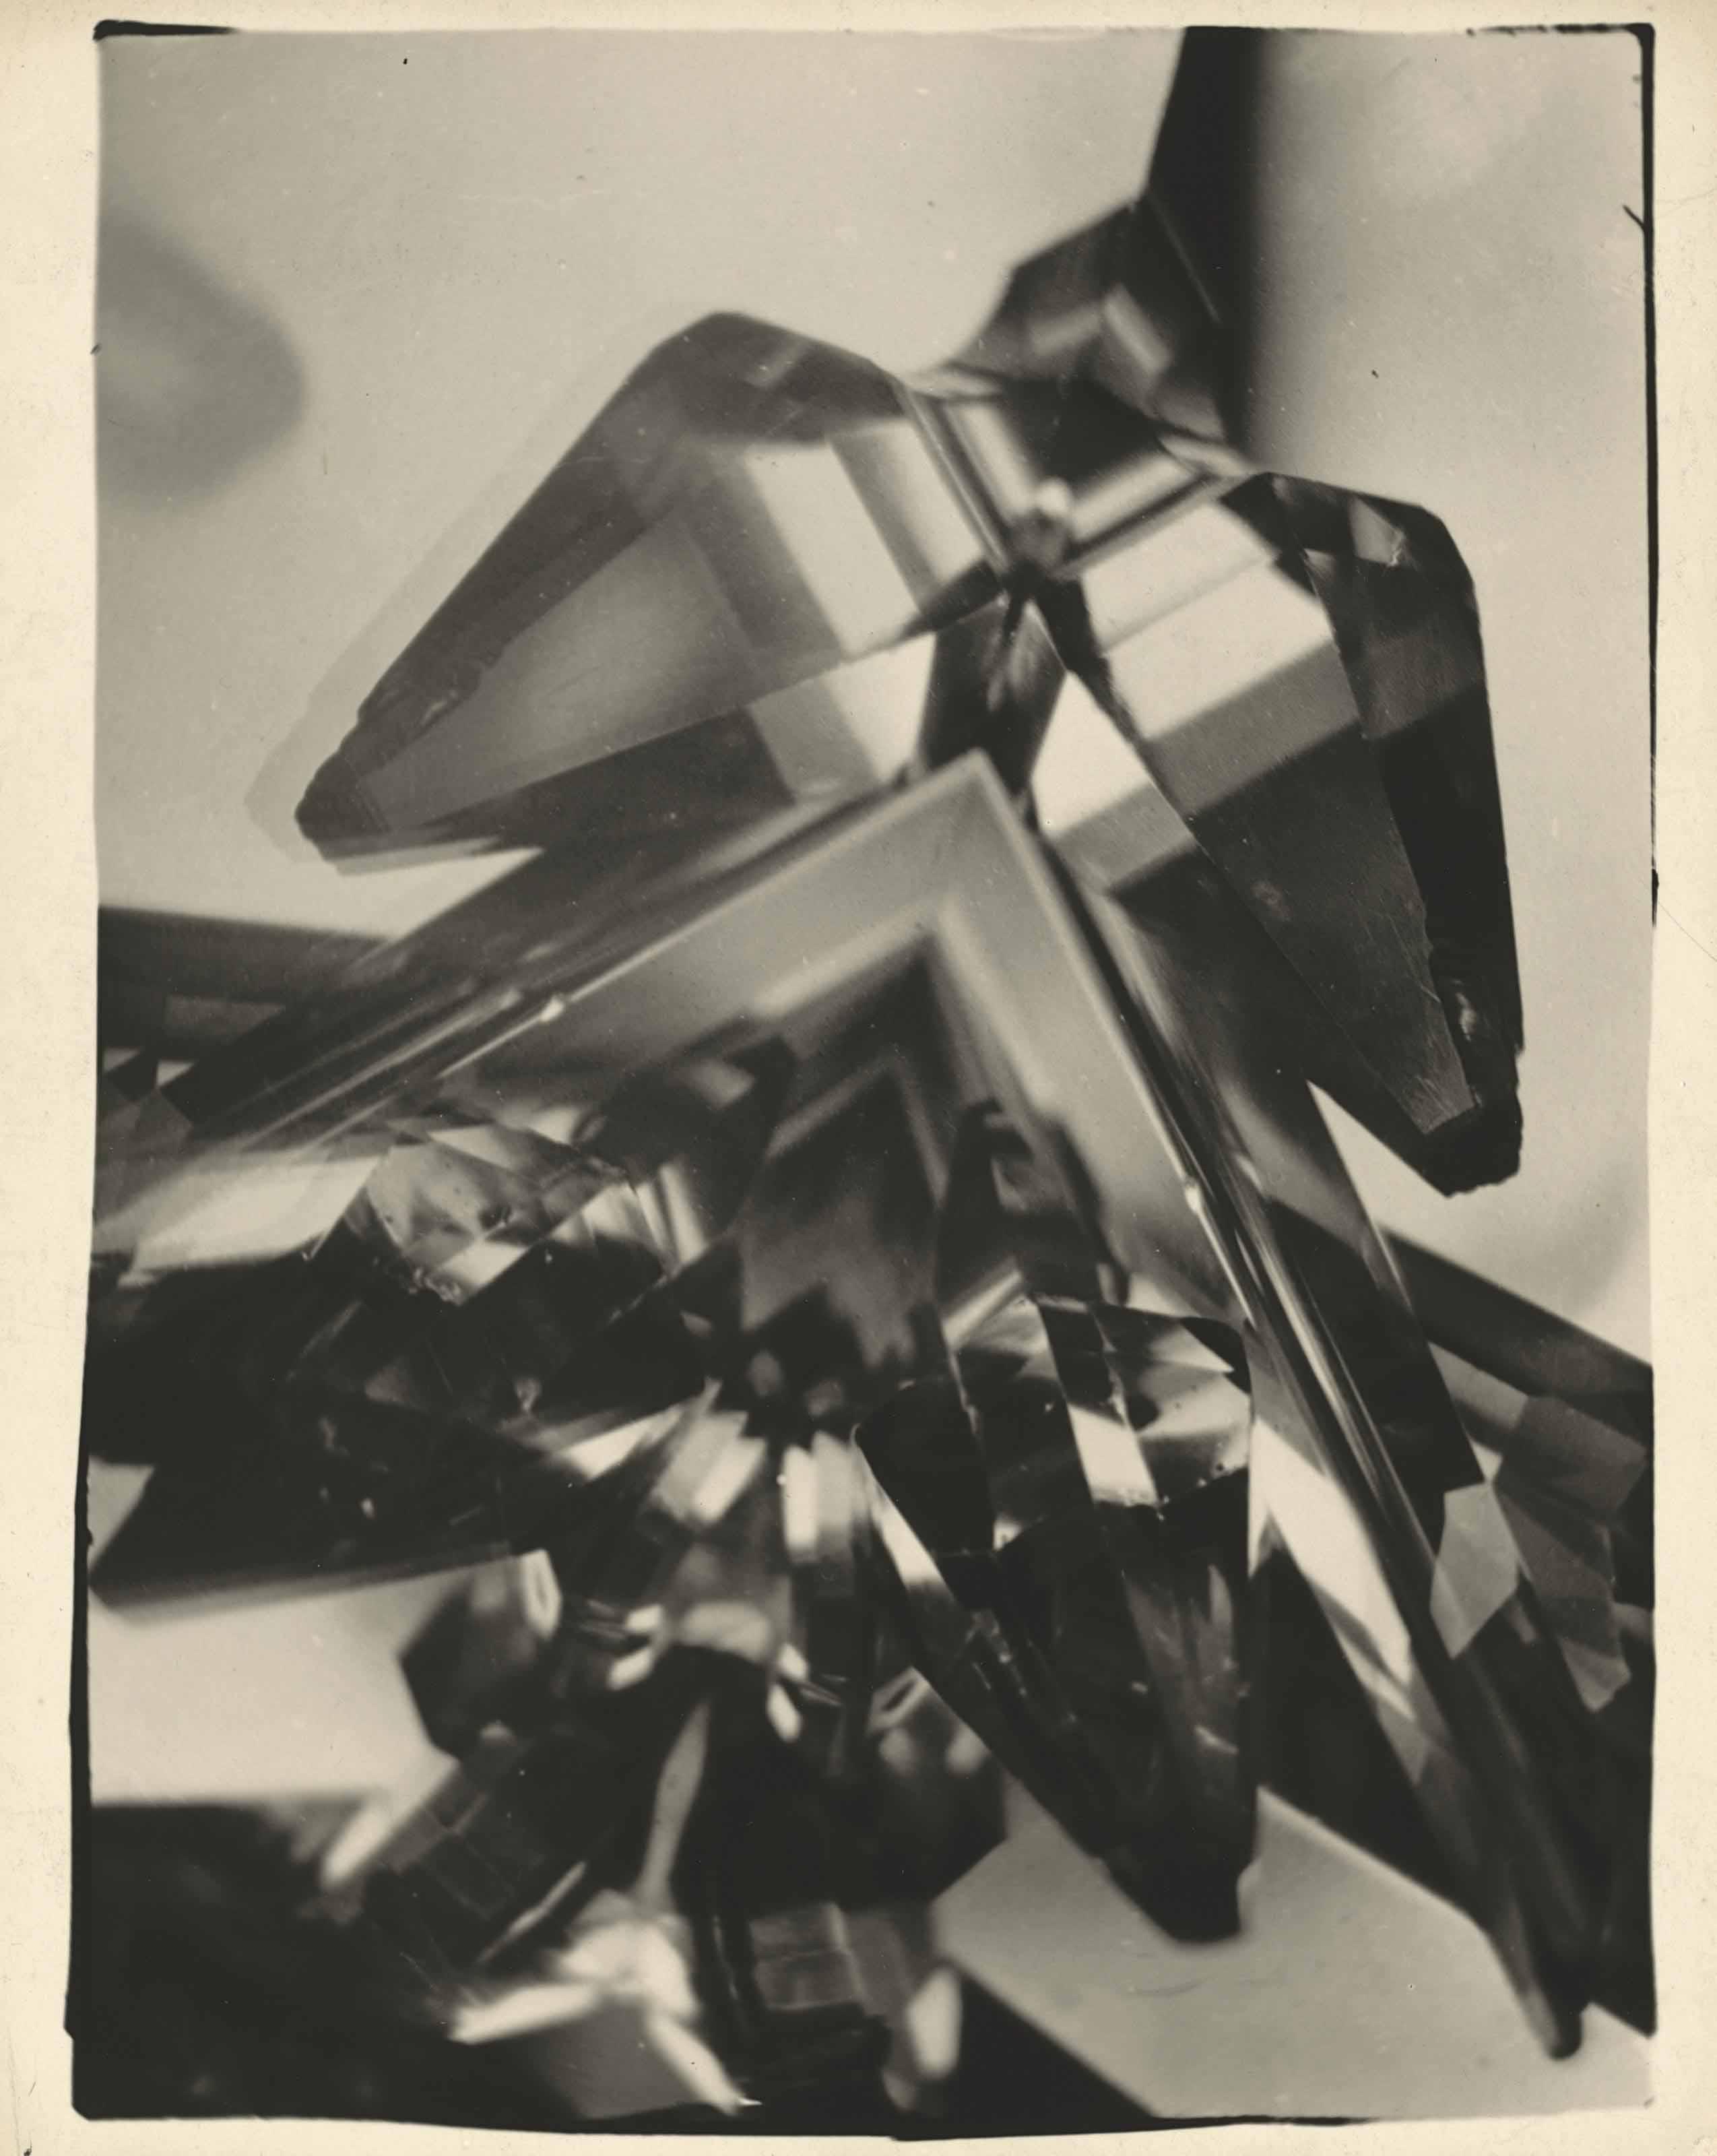 Vortograph (The Eagle), 1917